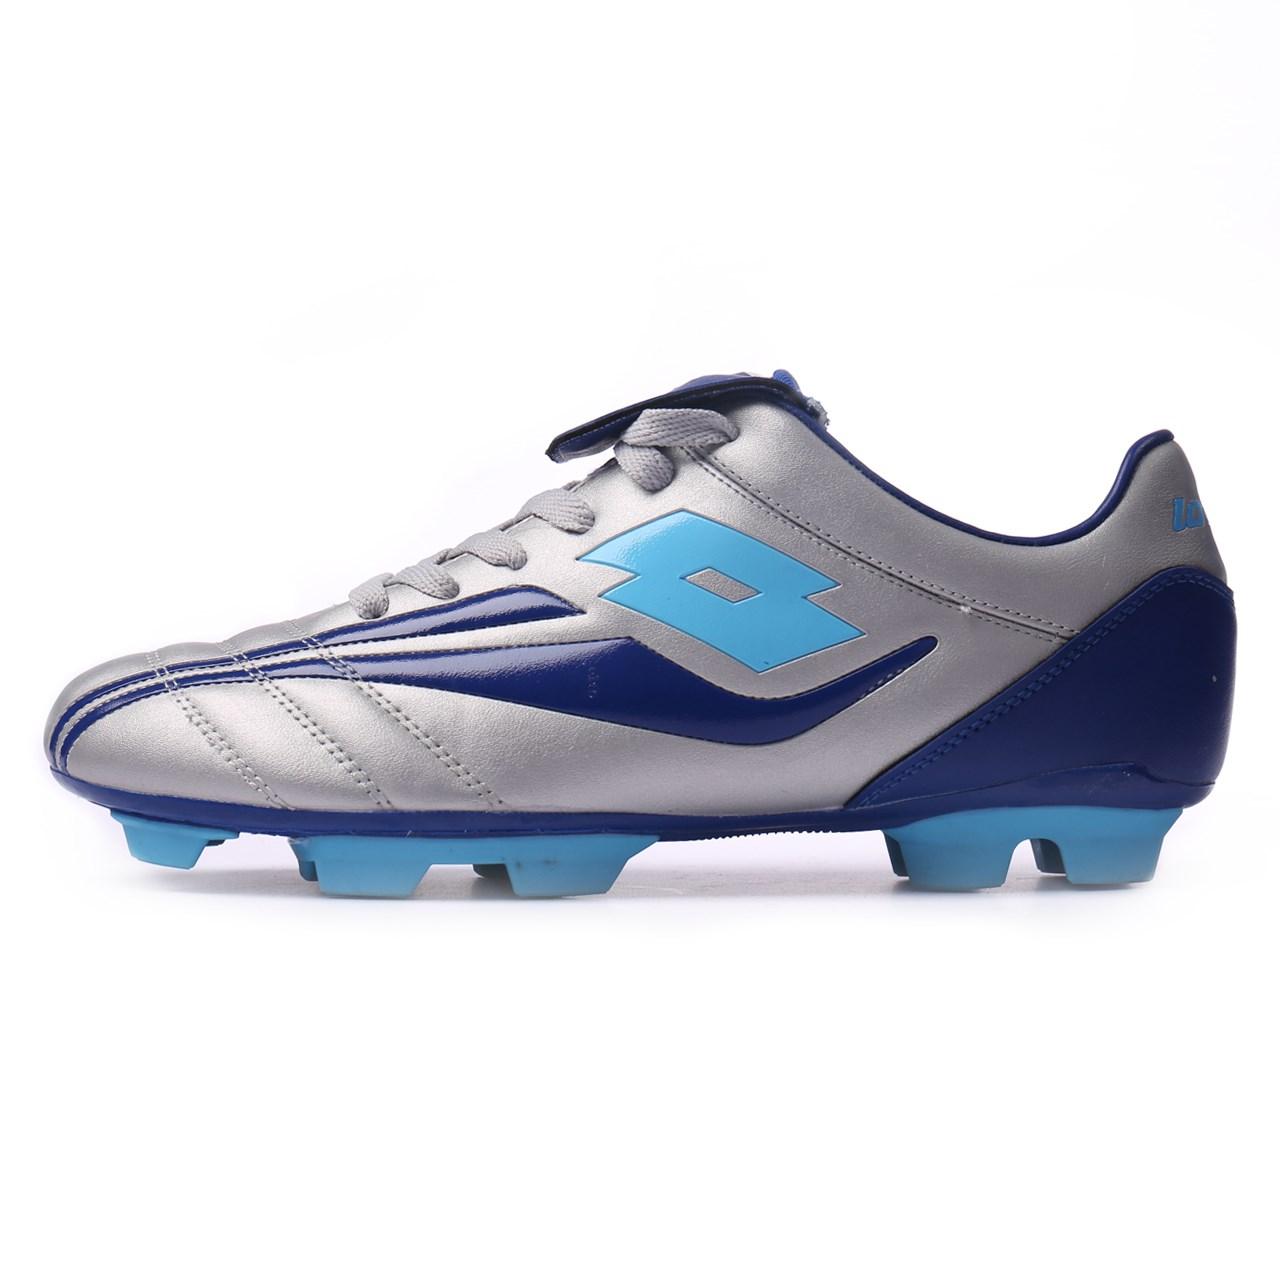 قیمت کفش فوتبال مردانه لوتو مدل Zehro Evalution